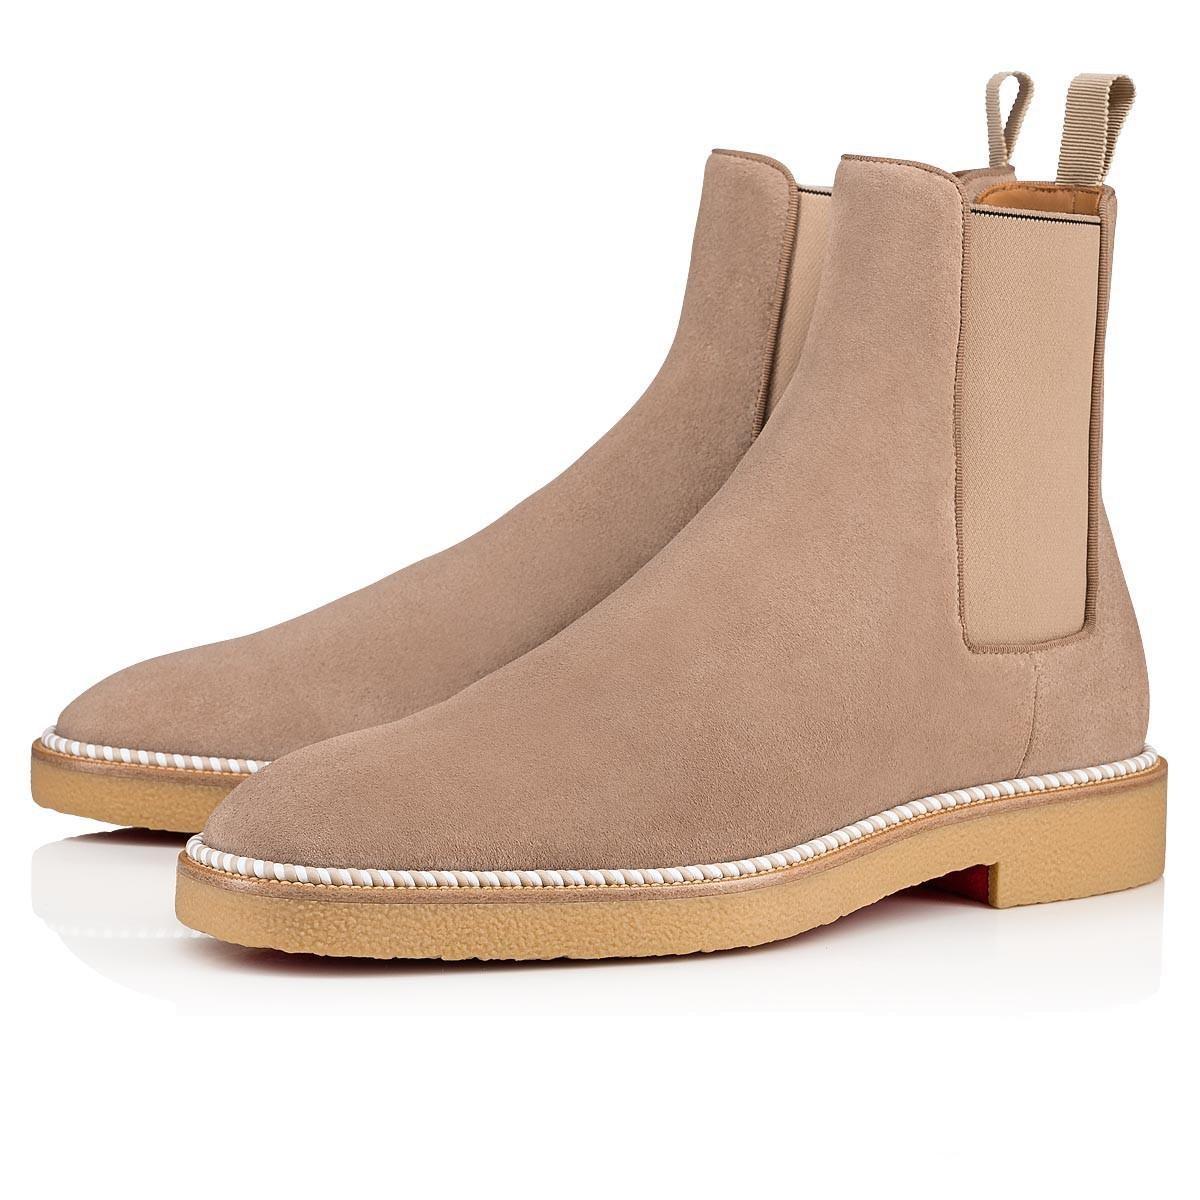 أحمر رجل بسيط الوحيد التمهيد الكاحل ارتفاع أعلى أحذية رياضية كريب أحذية الكاحل الحذاء الأسود الجلد المدبوغ شقق أحذية الرياضة، لوكس الرجال السامية الأعلى أحذية رياضية شقق العلامة التجارية دي